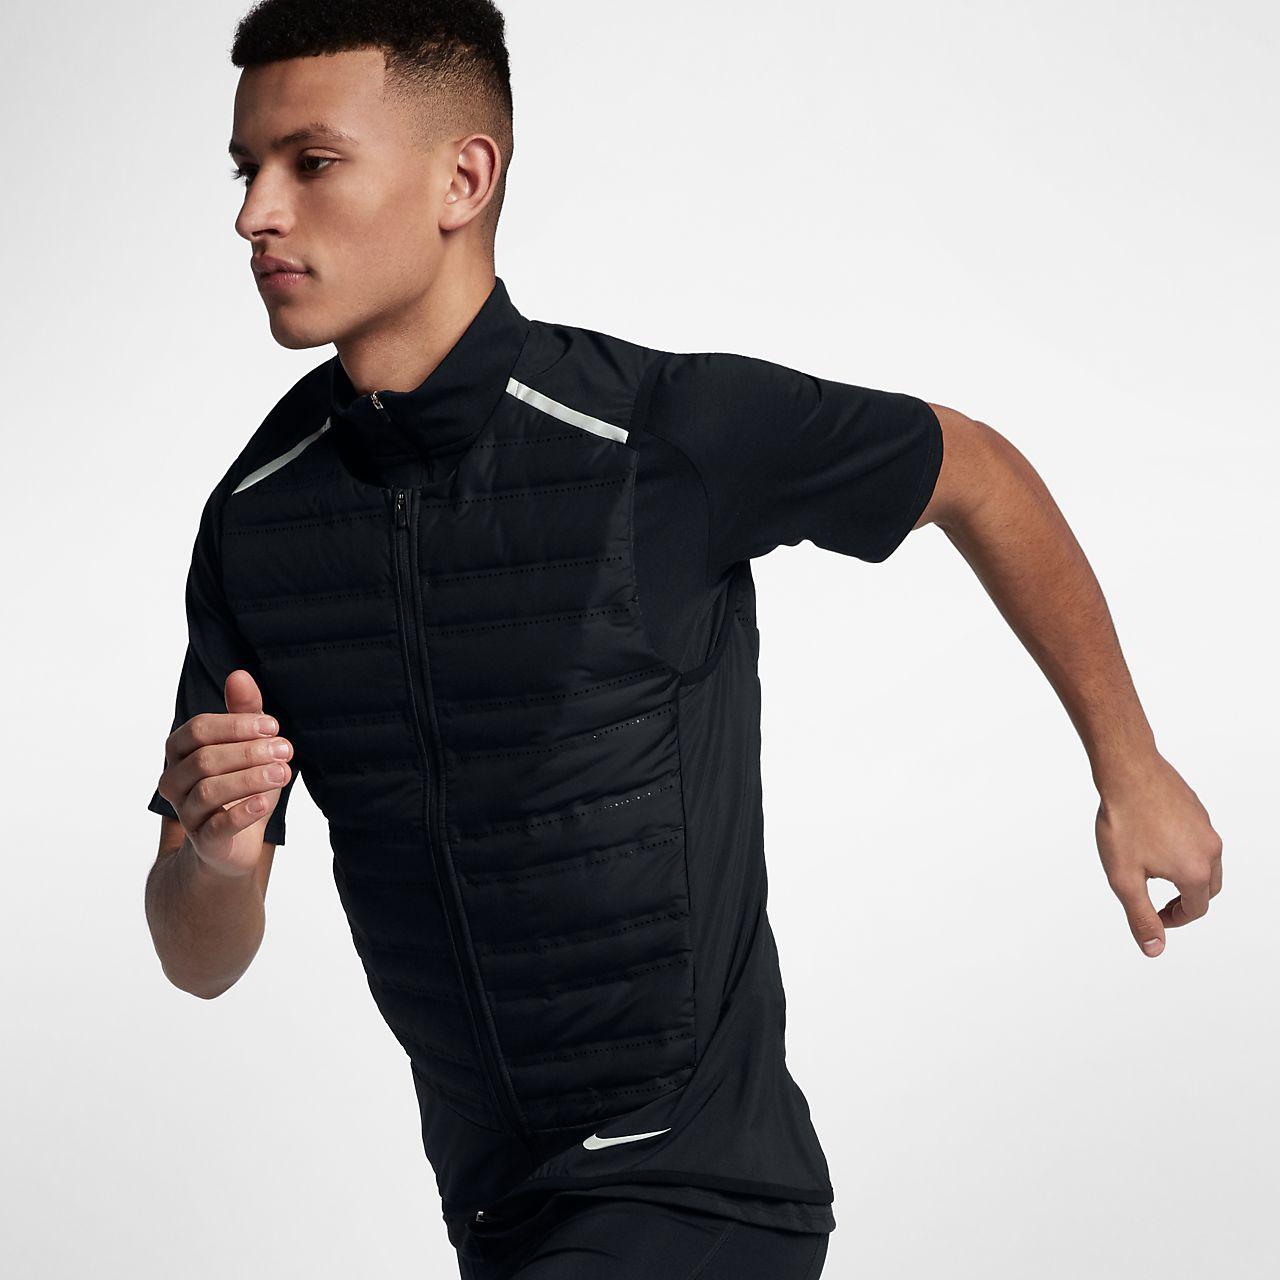 2f828fe911 Low Resolution Nike AeroLoft férfi futómellény Nike AeroLoft férfi  futómellény